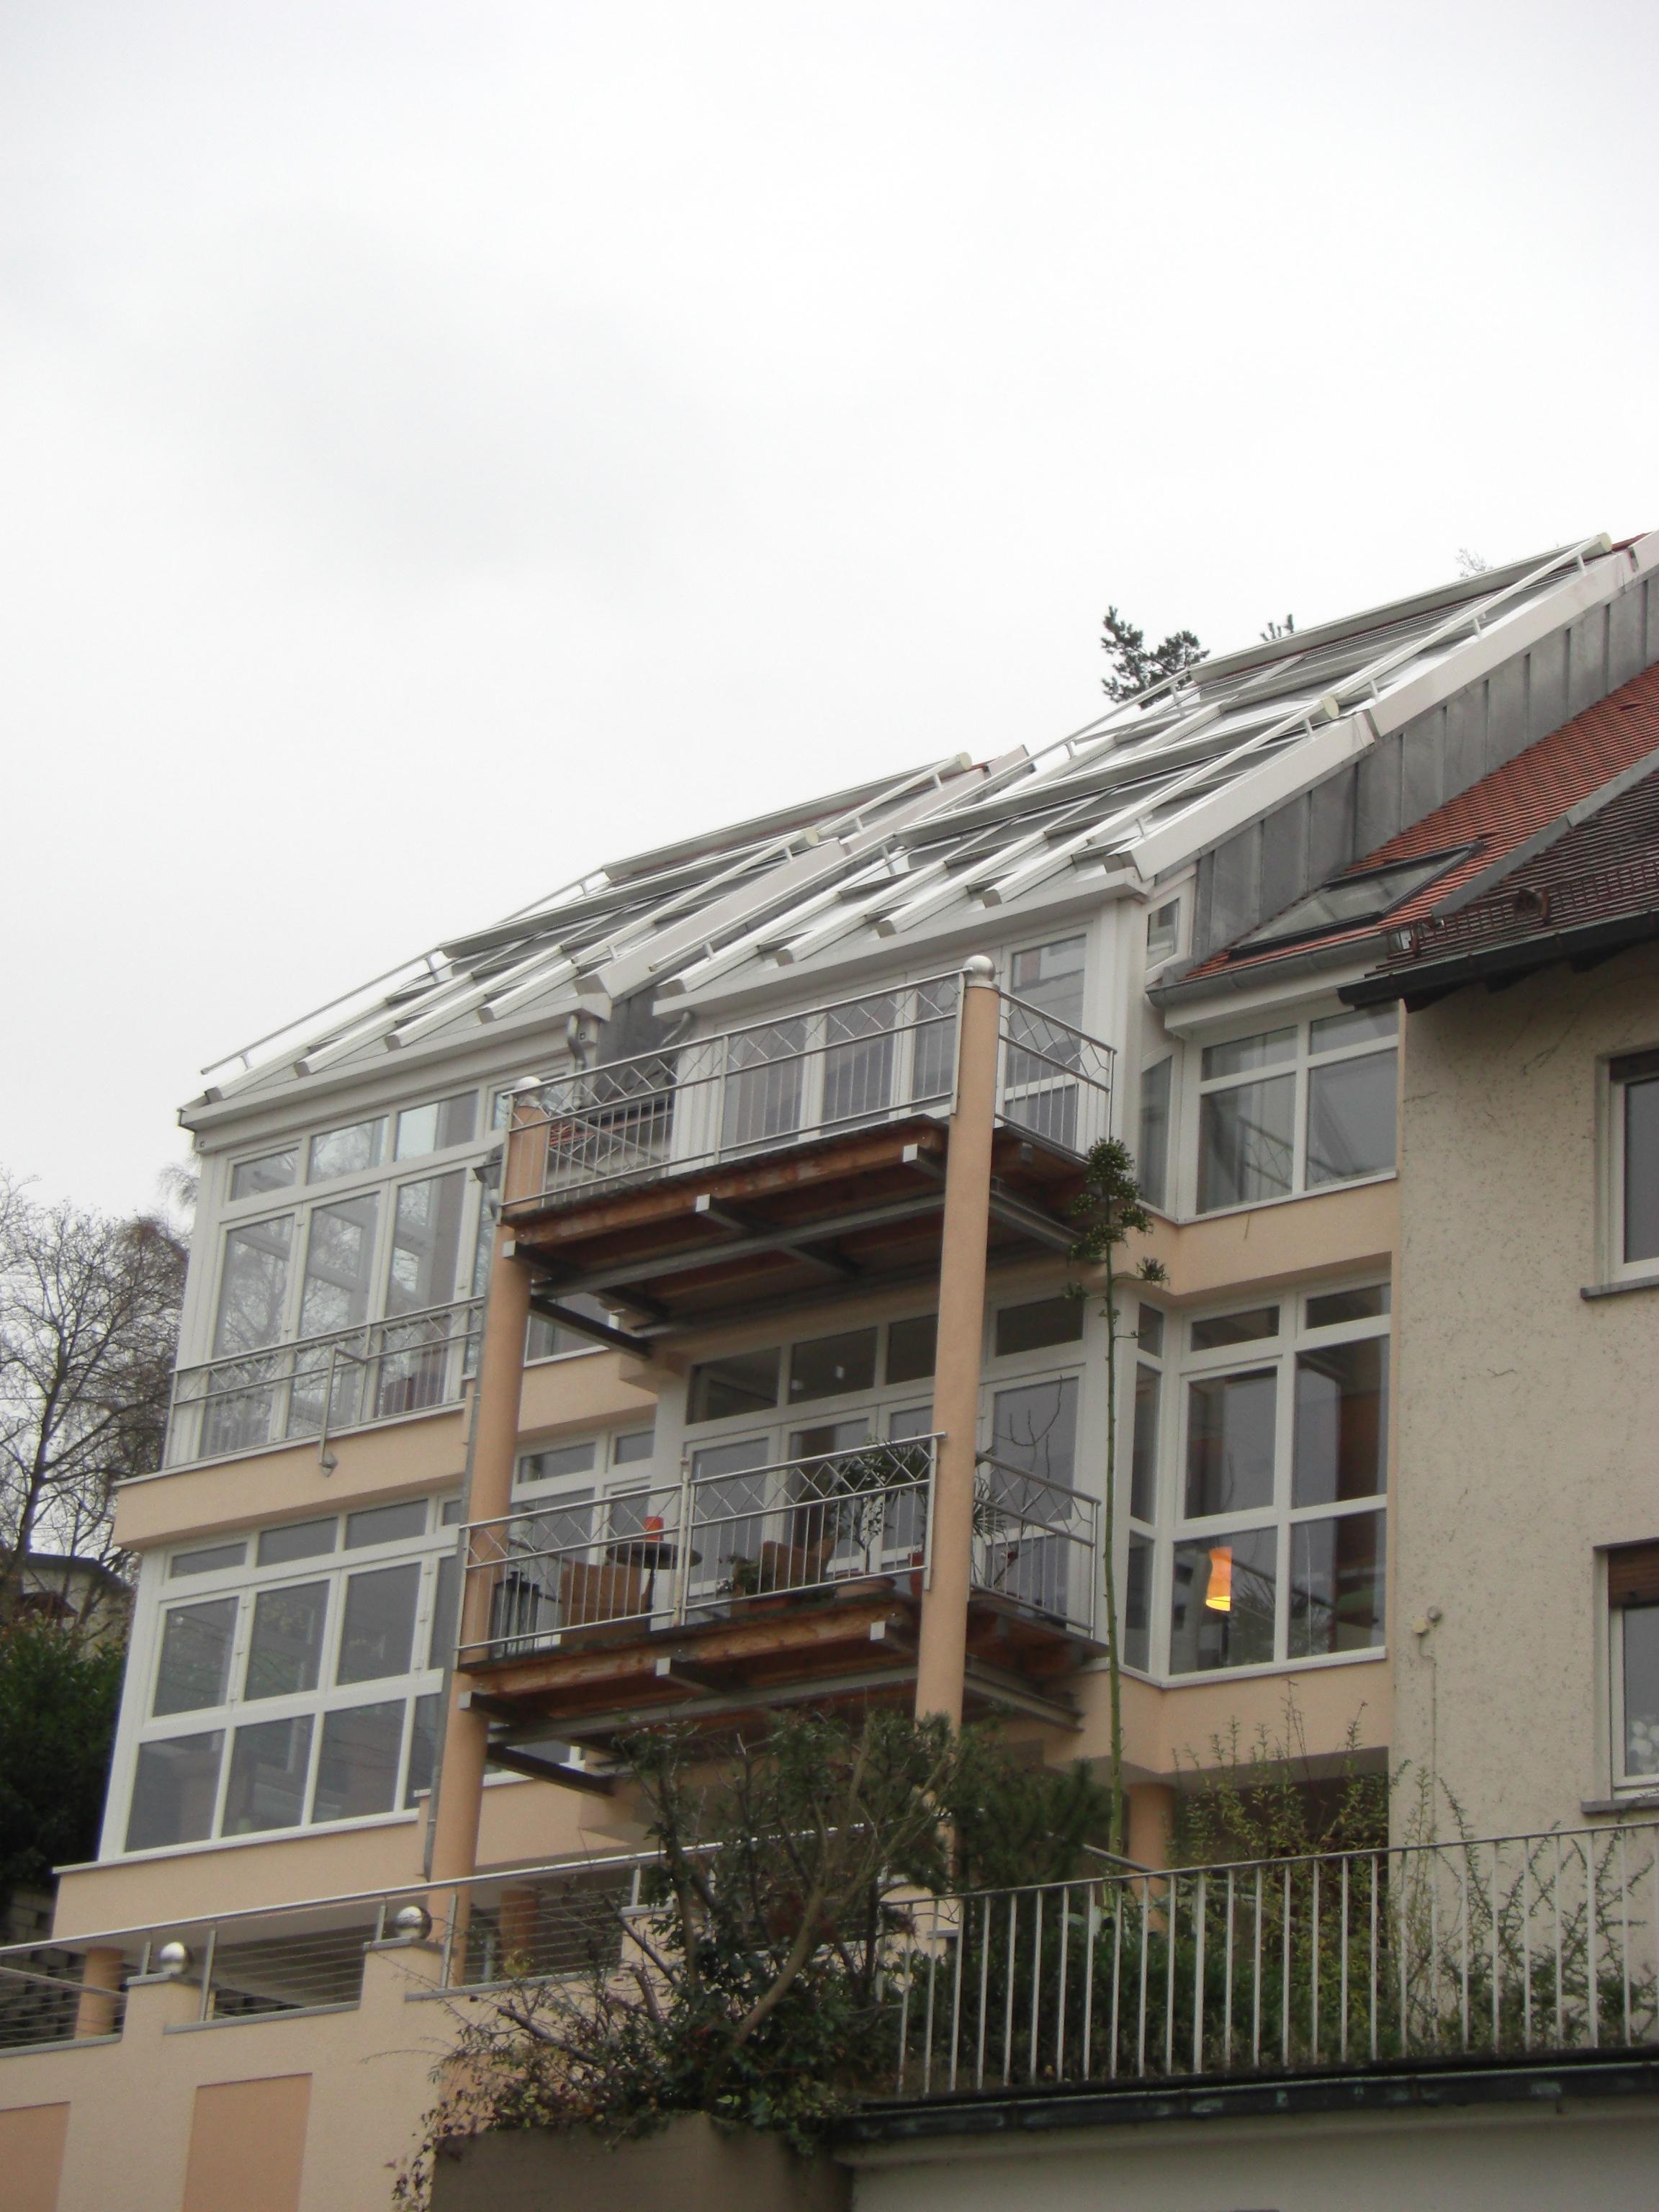 Eckert geb udereinigung karlsruhe glasreinigung - Wintergarten karlsruhe ...